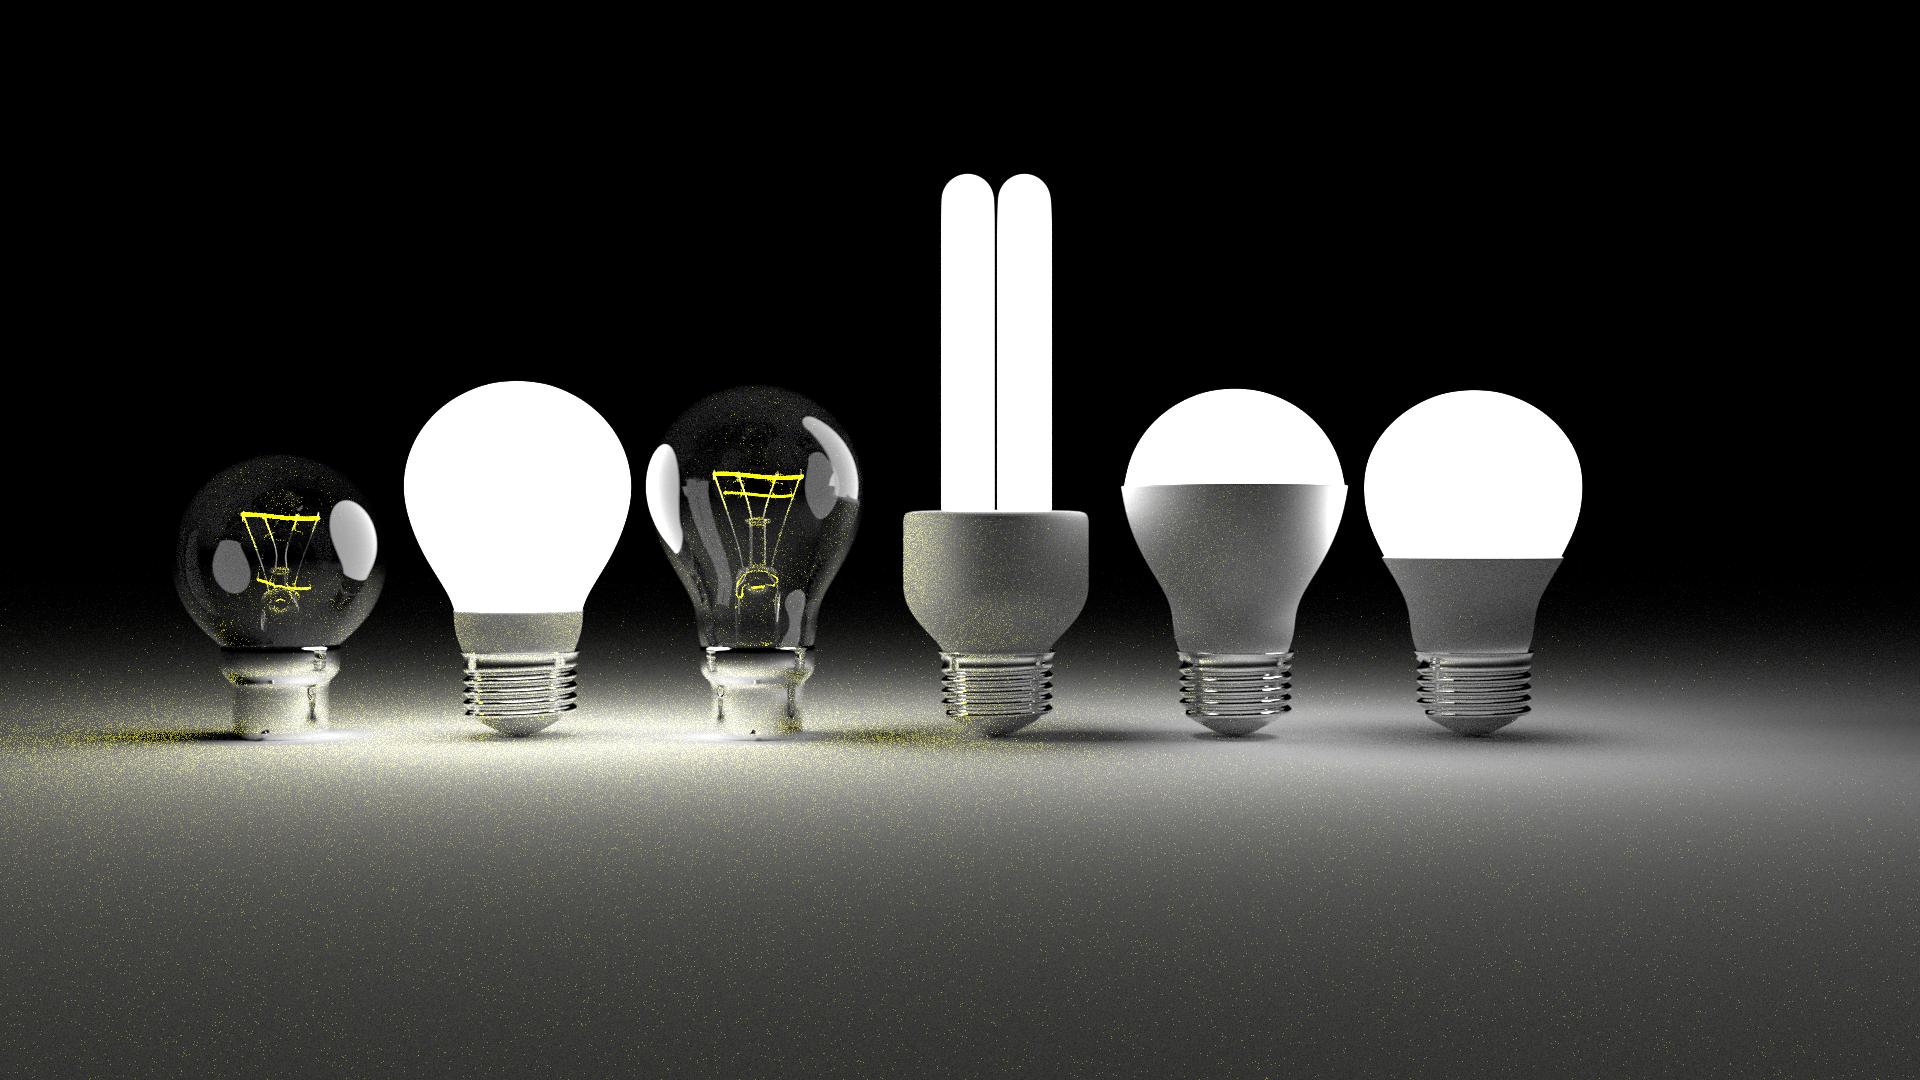 Bulbs And Lights